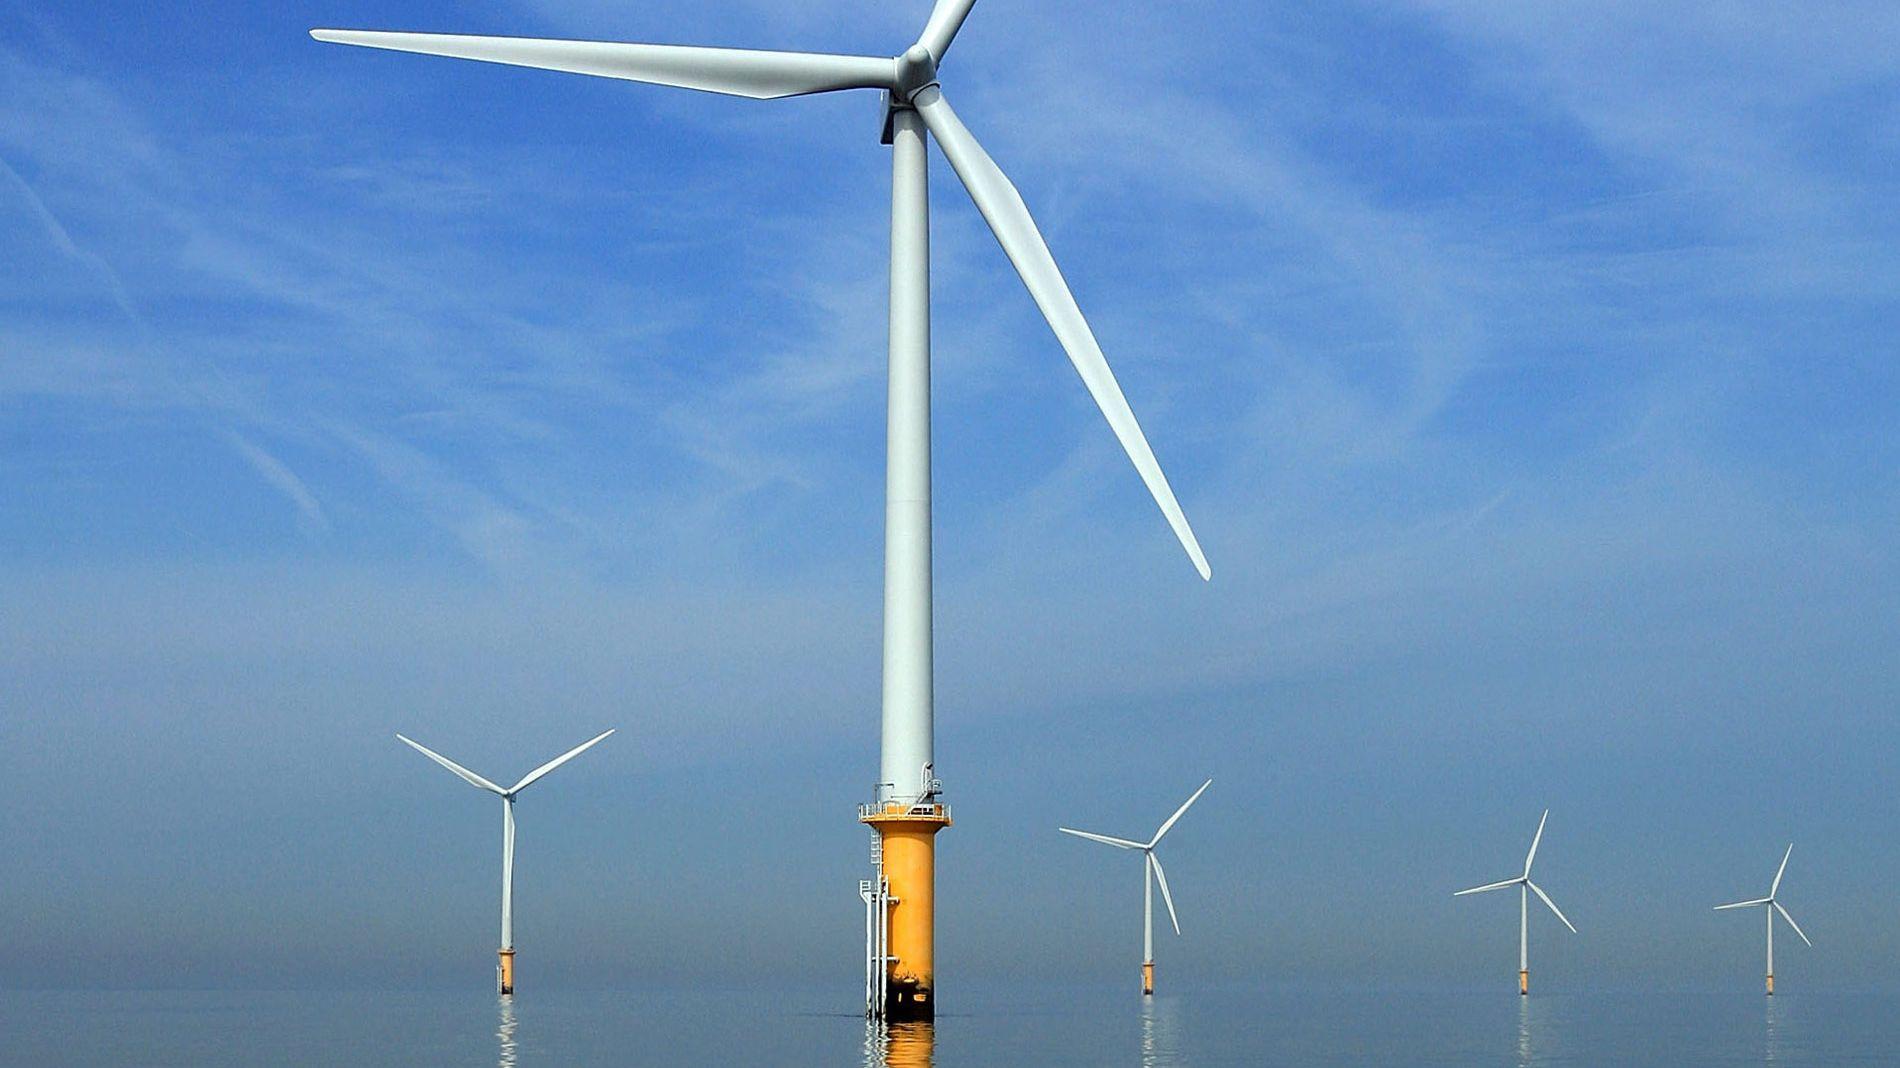 洋上風力発電嫌いのトランプ政権、雇用者増で推進に方針転換?